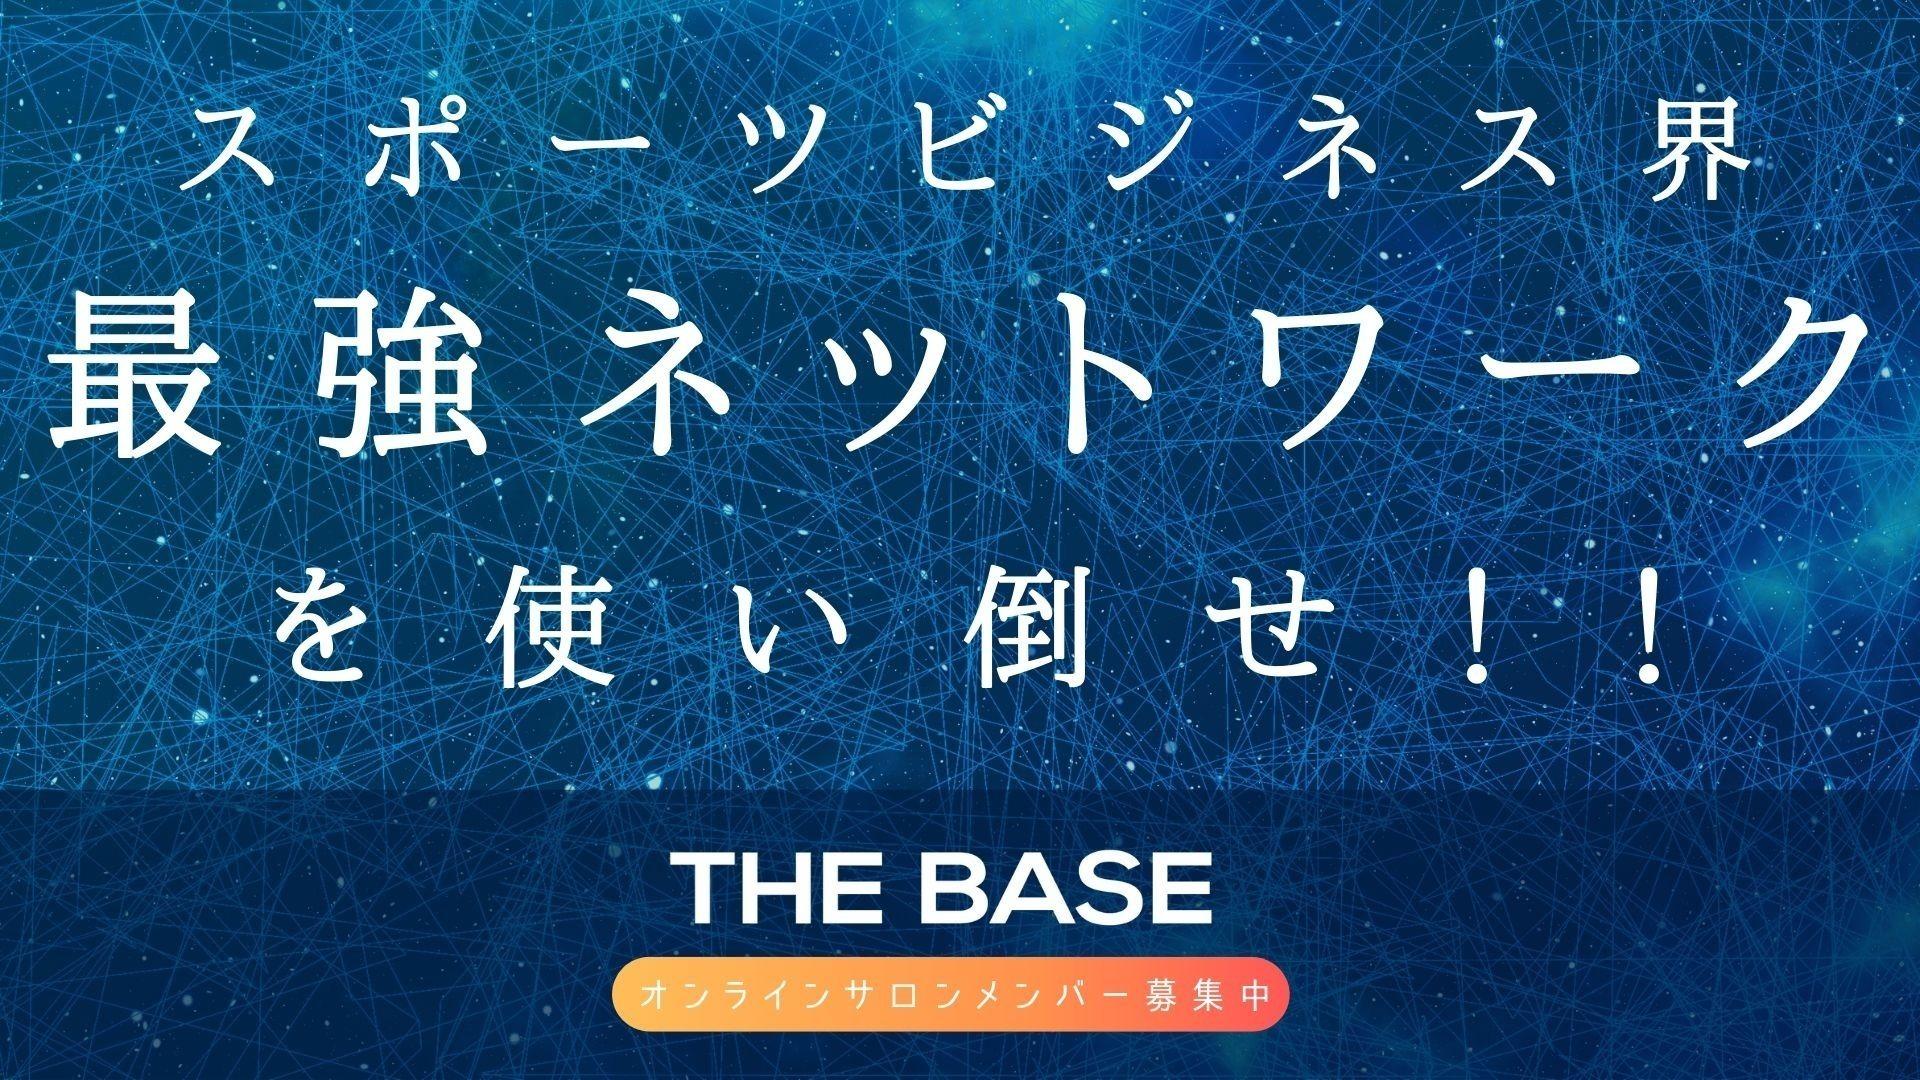 スポーツビジネスアカデミー | THE BASE